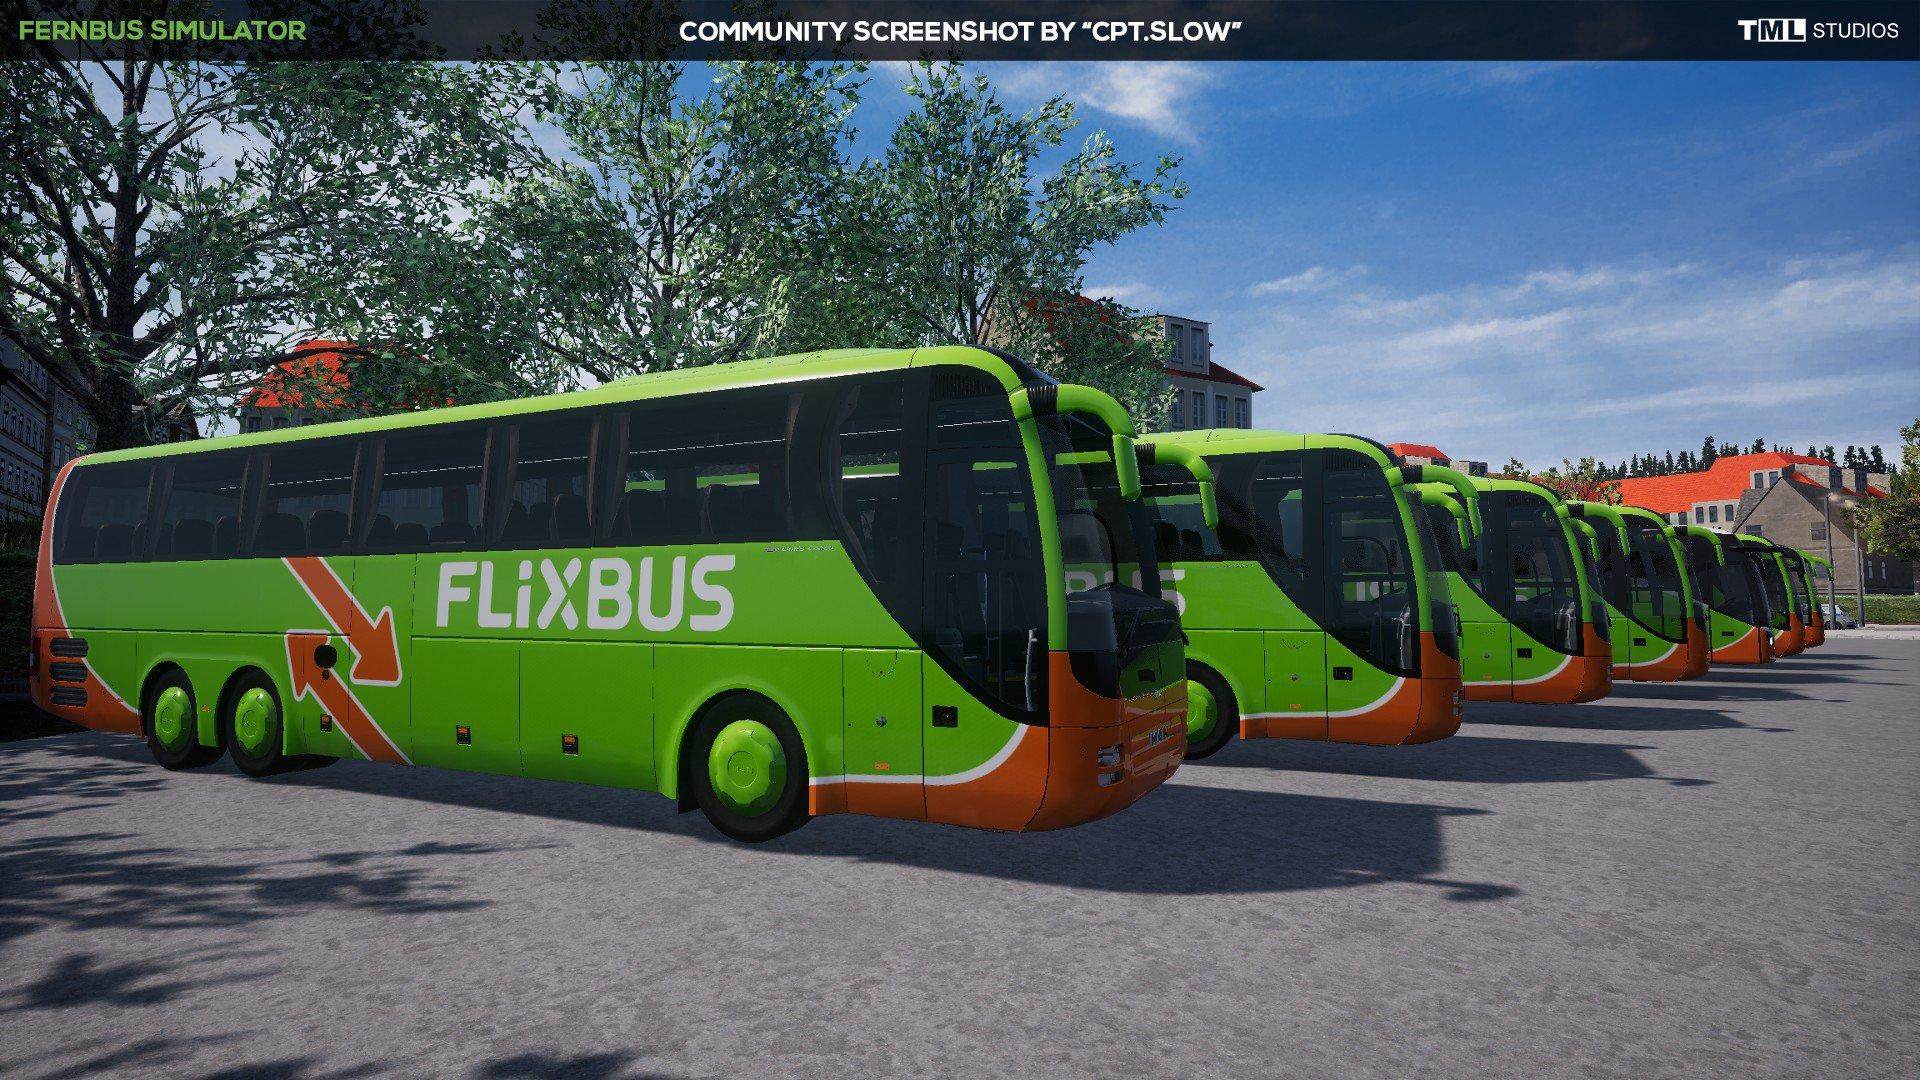 Fernbus Simulator 21